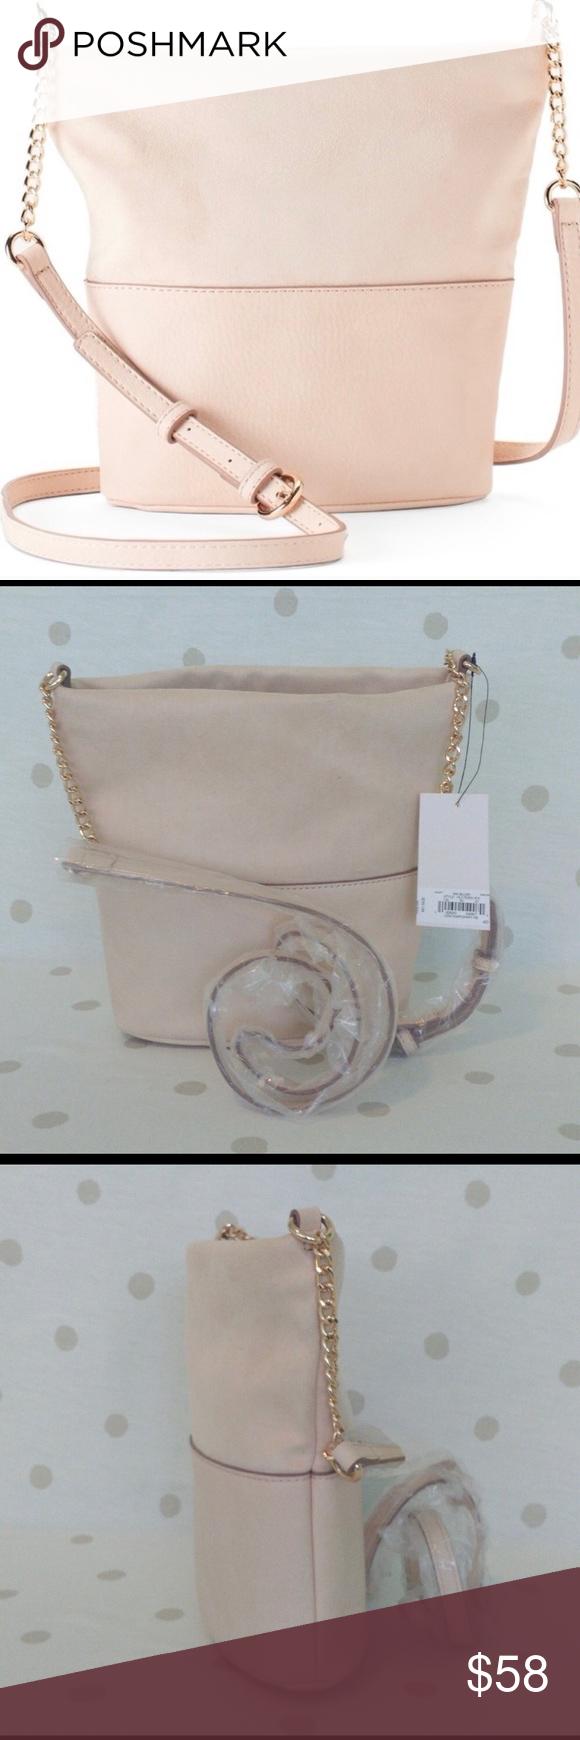 Laura conrad stunning soft crossbody bag blush